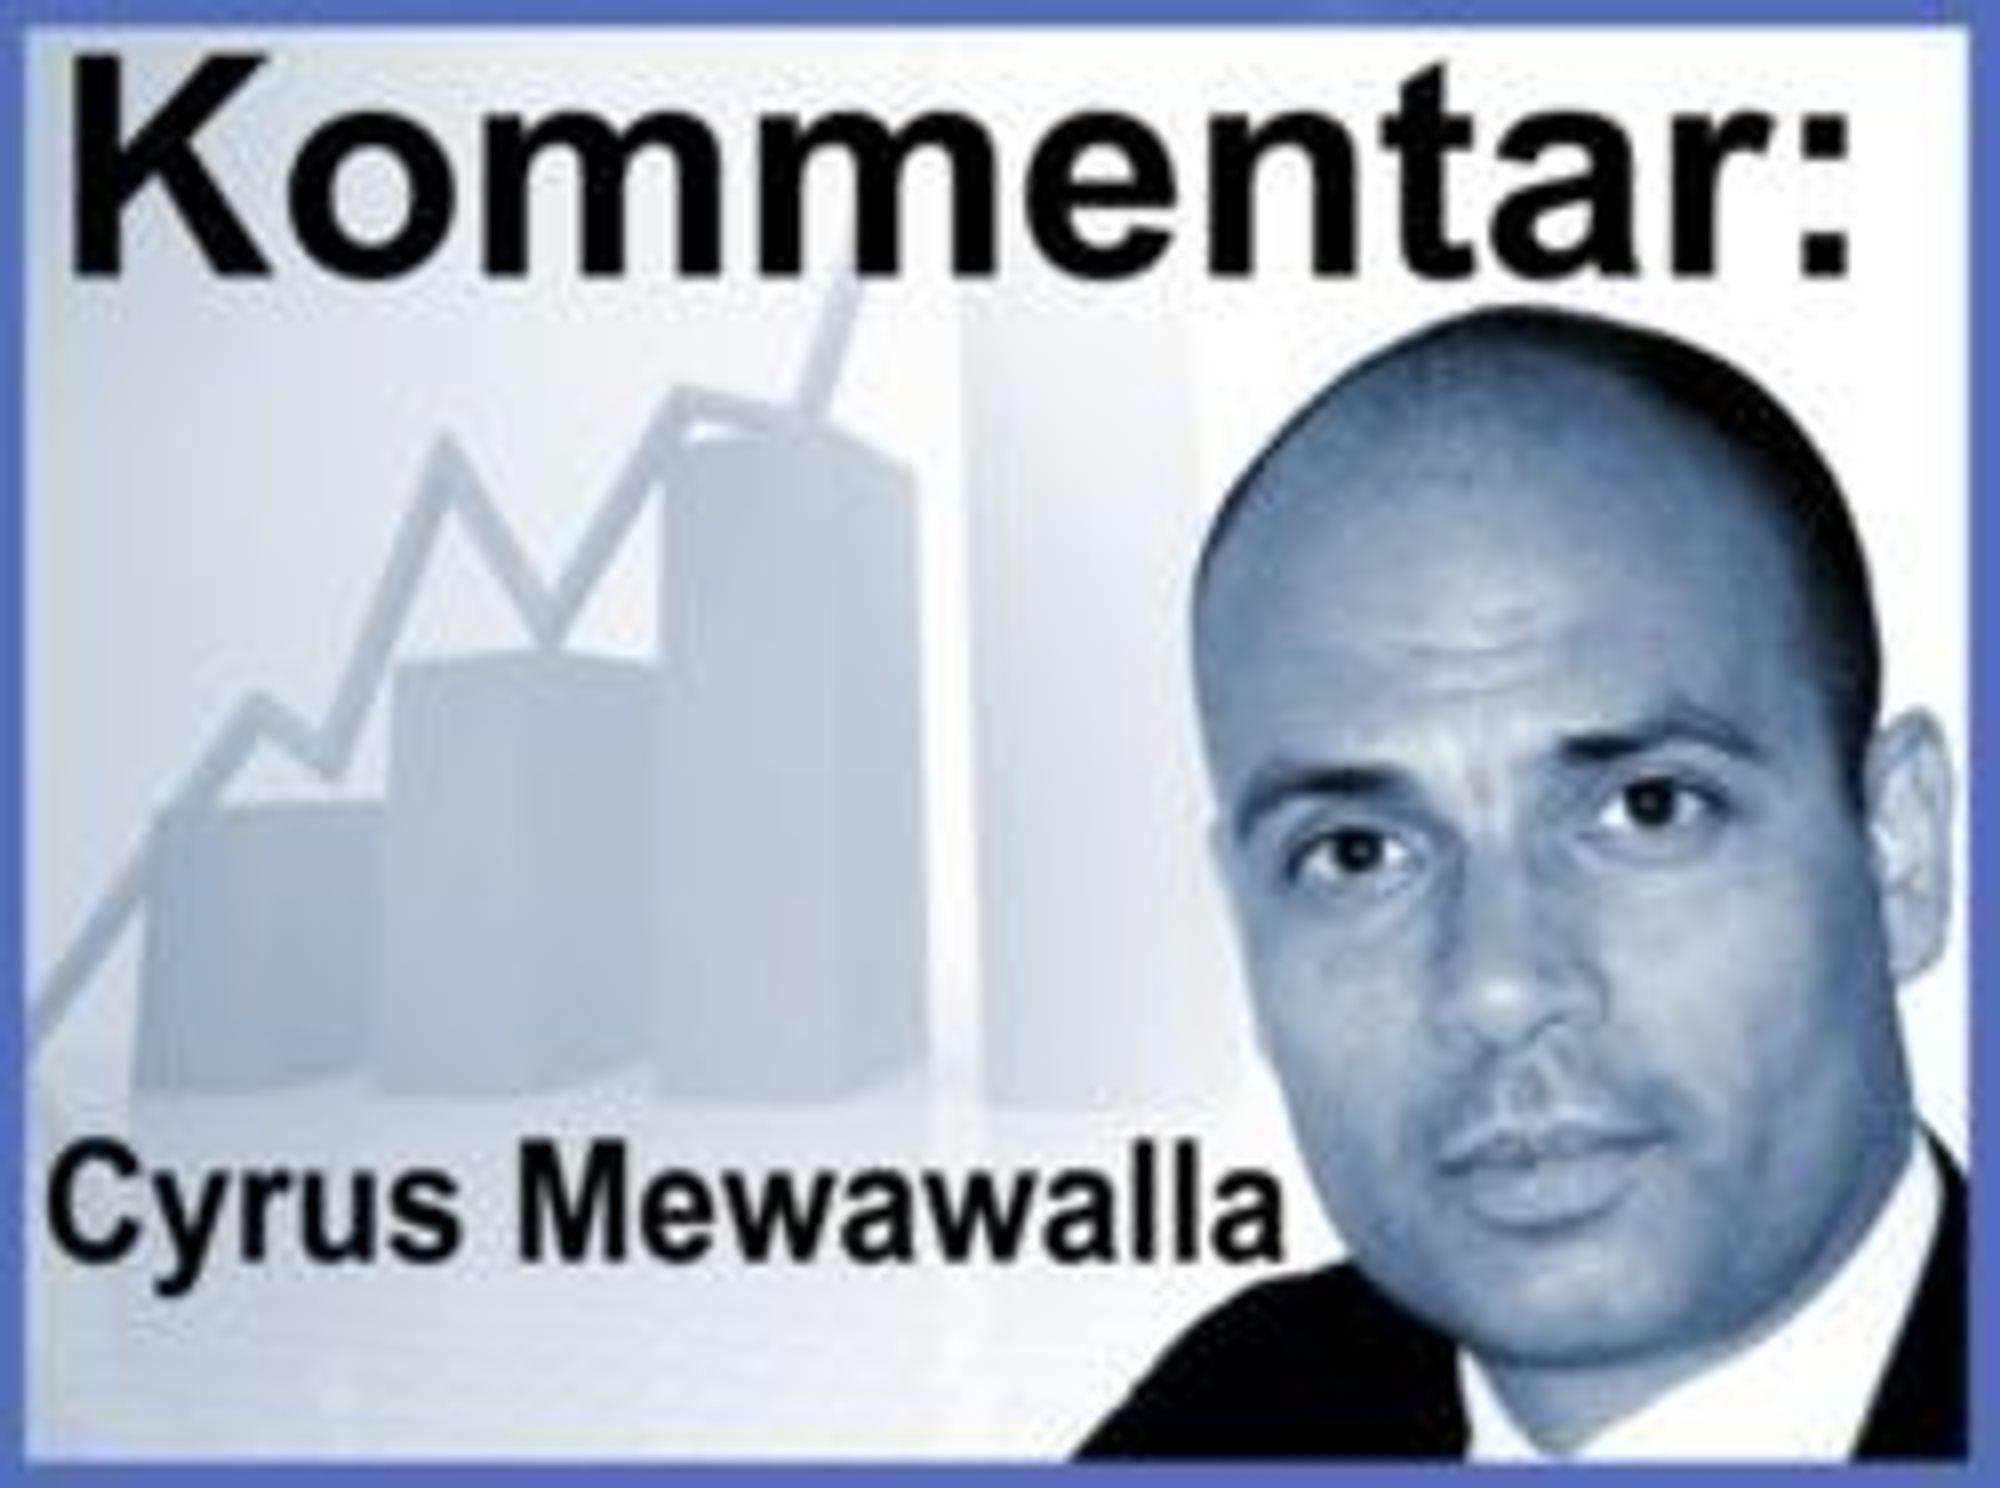 Den anerkjente analytikeren Cyrus Mewawalla er partner i CM Research, et frittstående analysebyrå som rådgir investorer om trender innen teknologi, media og telecom. Mewawalla skriver fast for digi.no. Hans twitter-adresse er @CyrusMewawalla